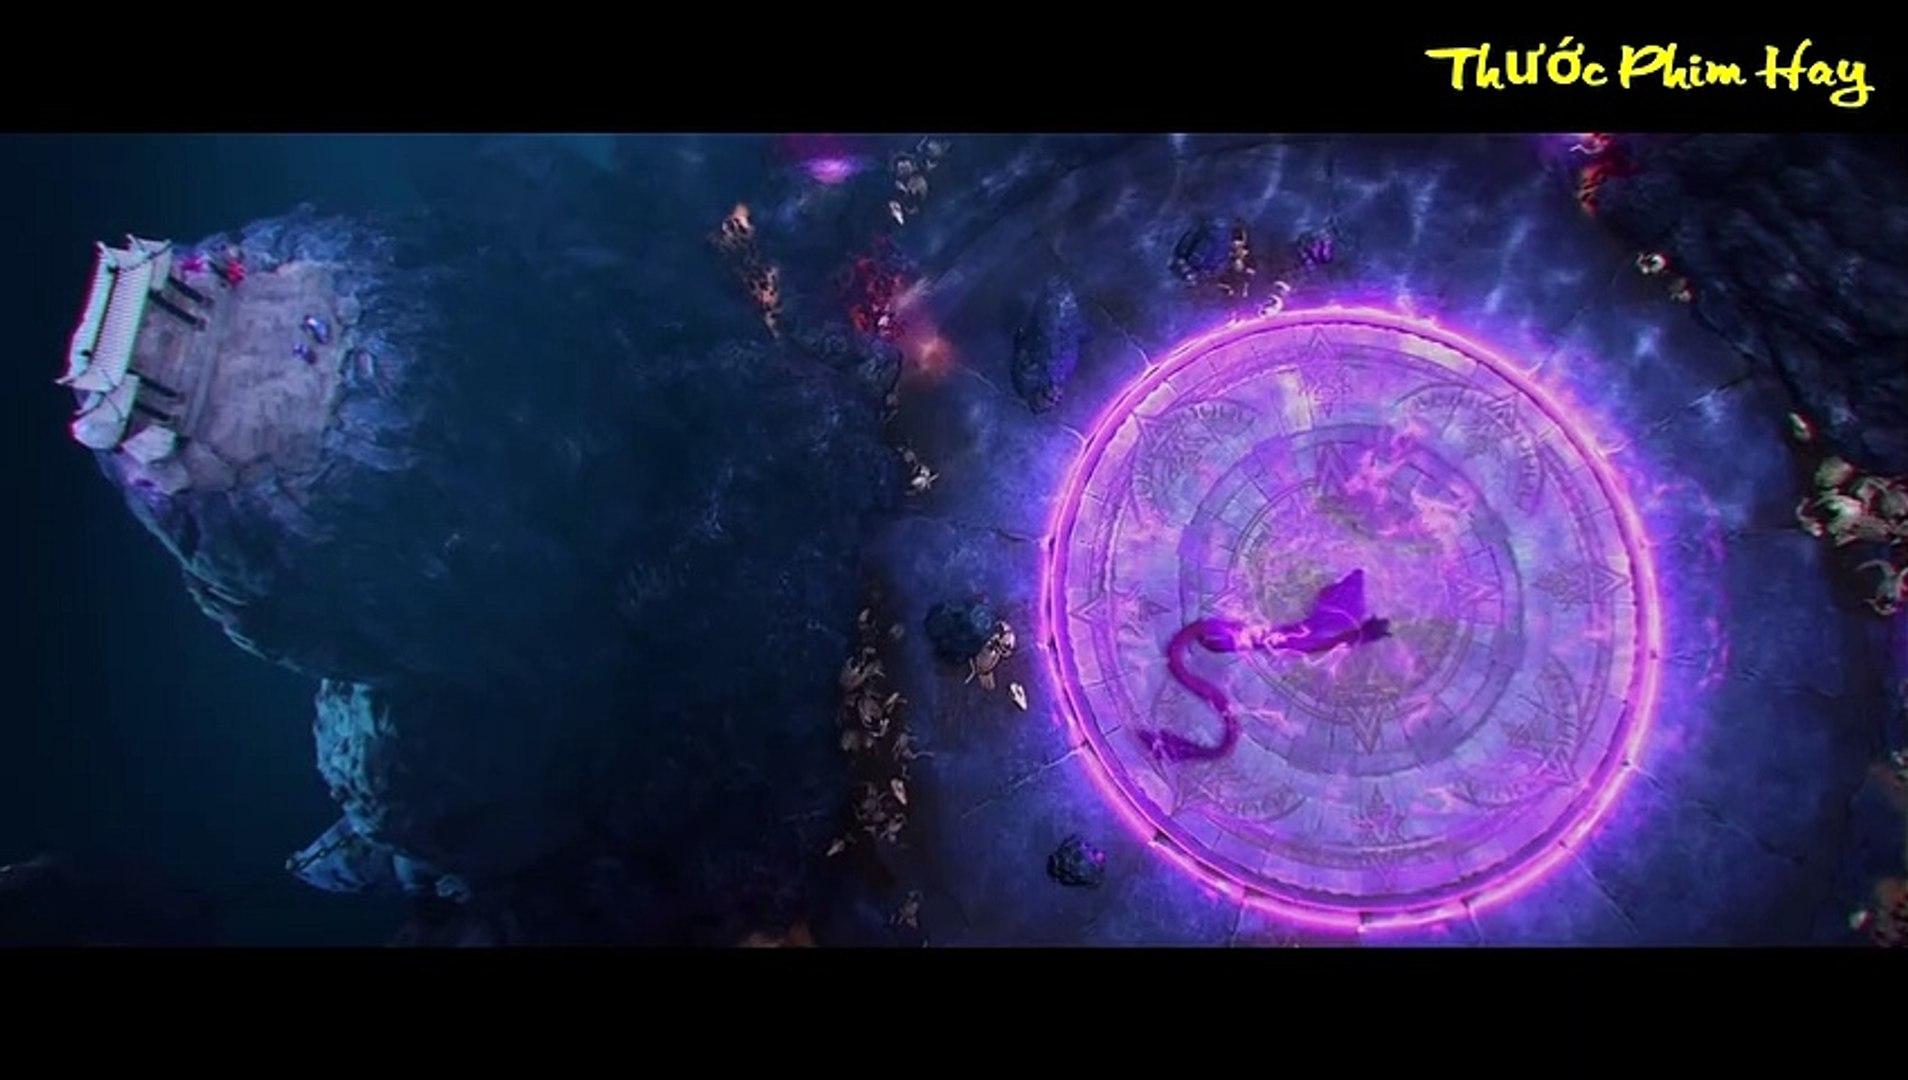 Đấu Phá Thương Khung phần 3 tập 10 - Thuyết minh l Fights Break Sphere 3 -2019- l Thước Phim Hay